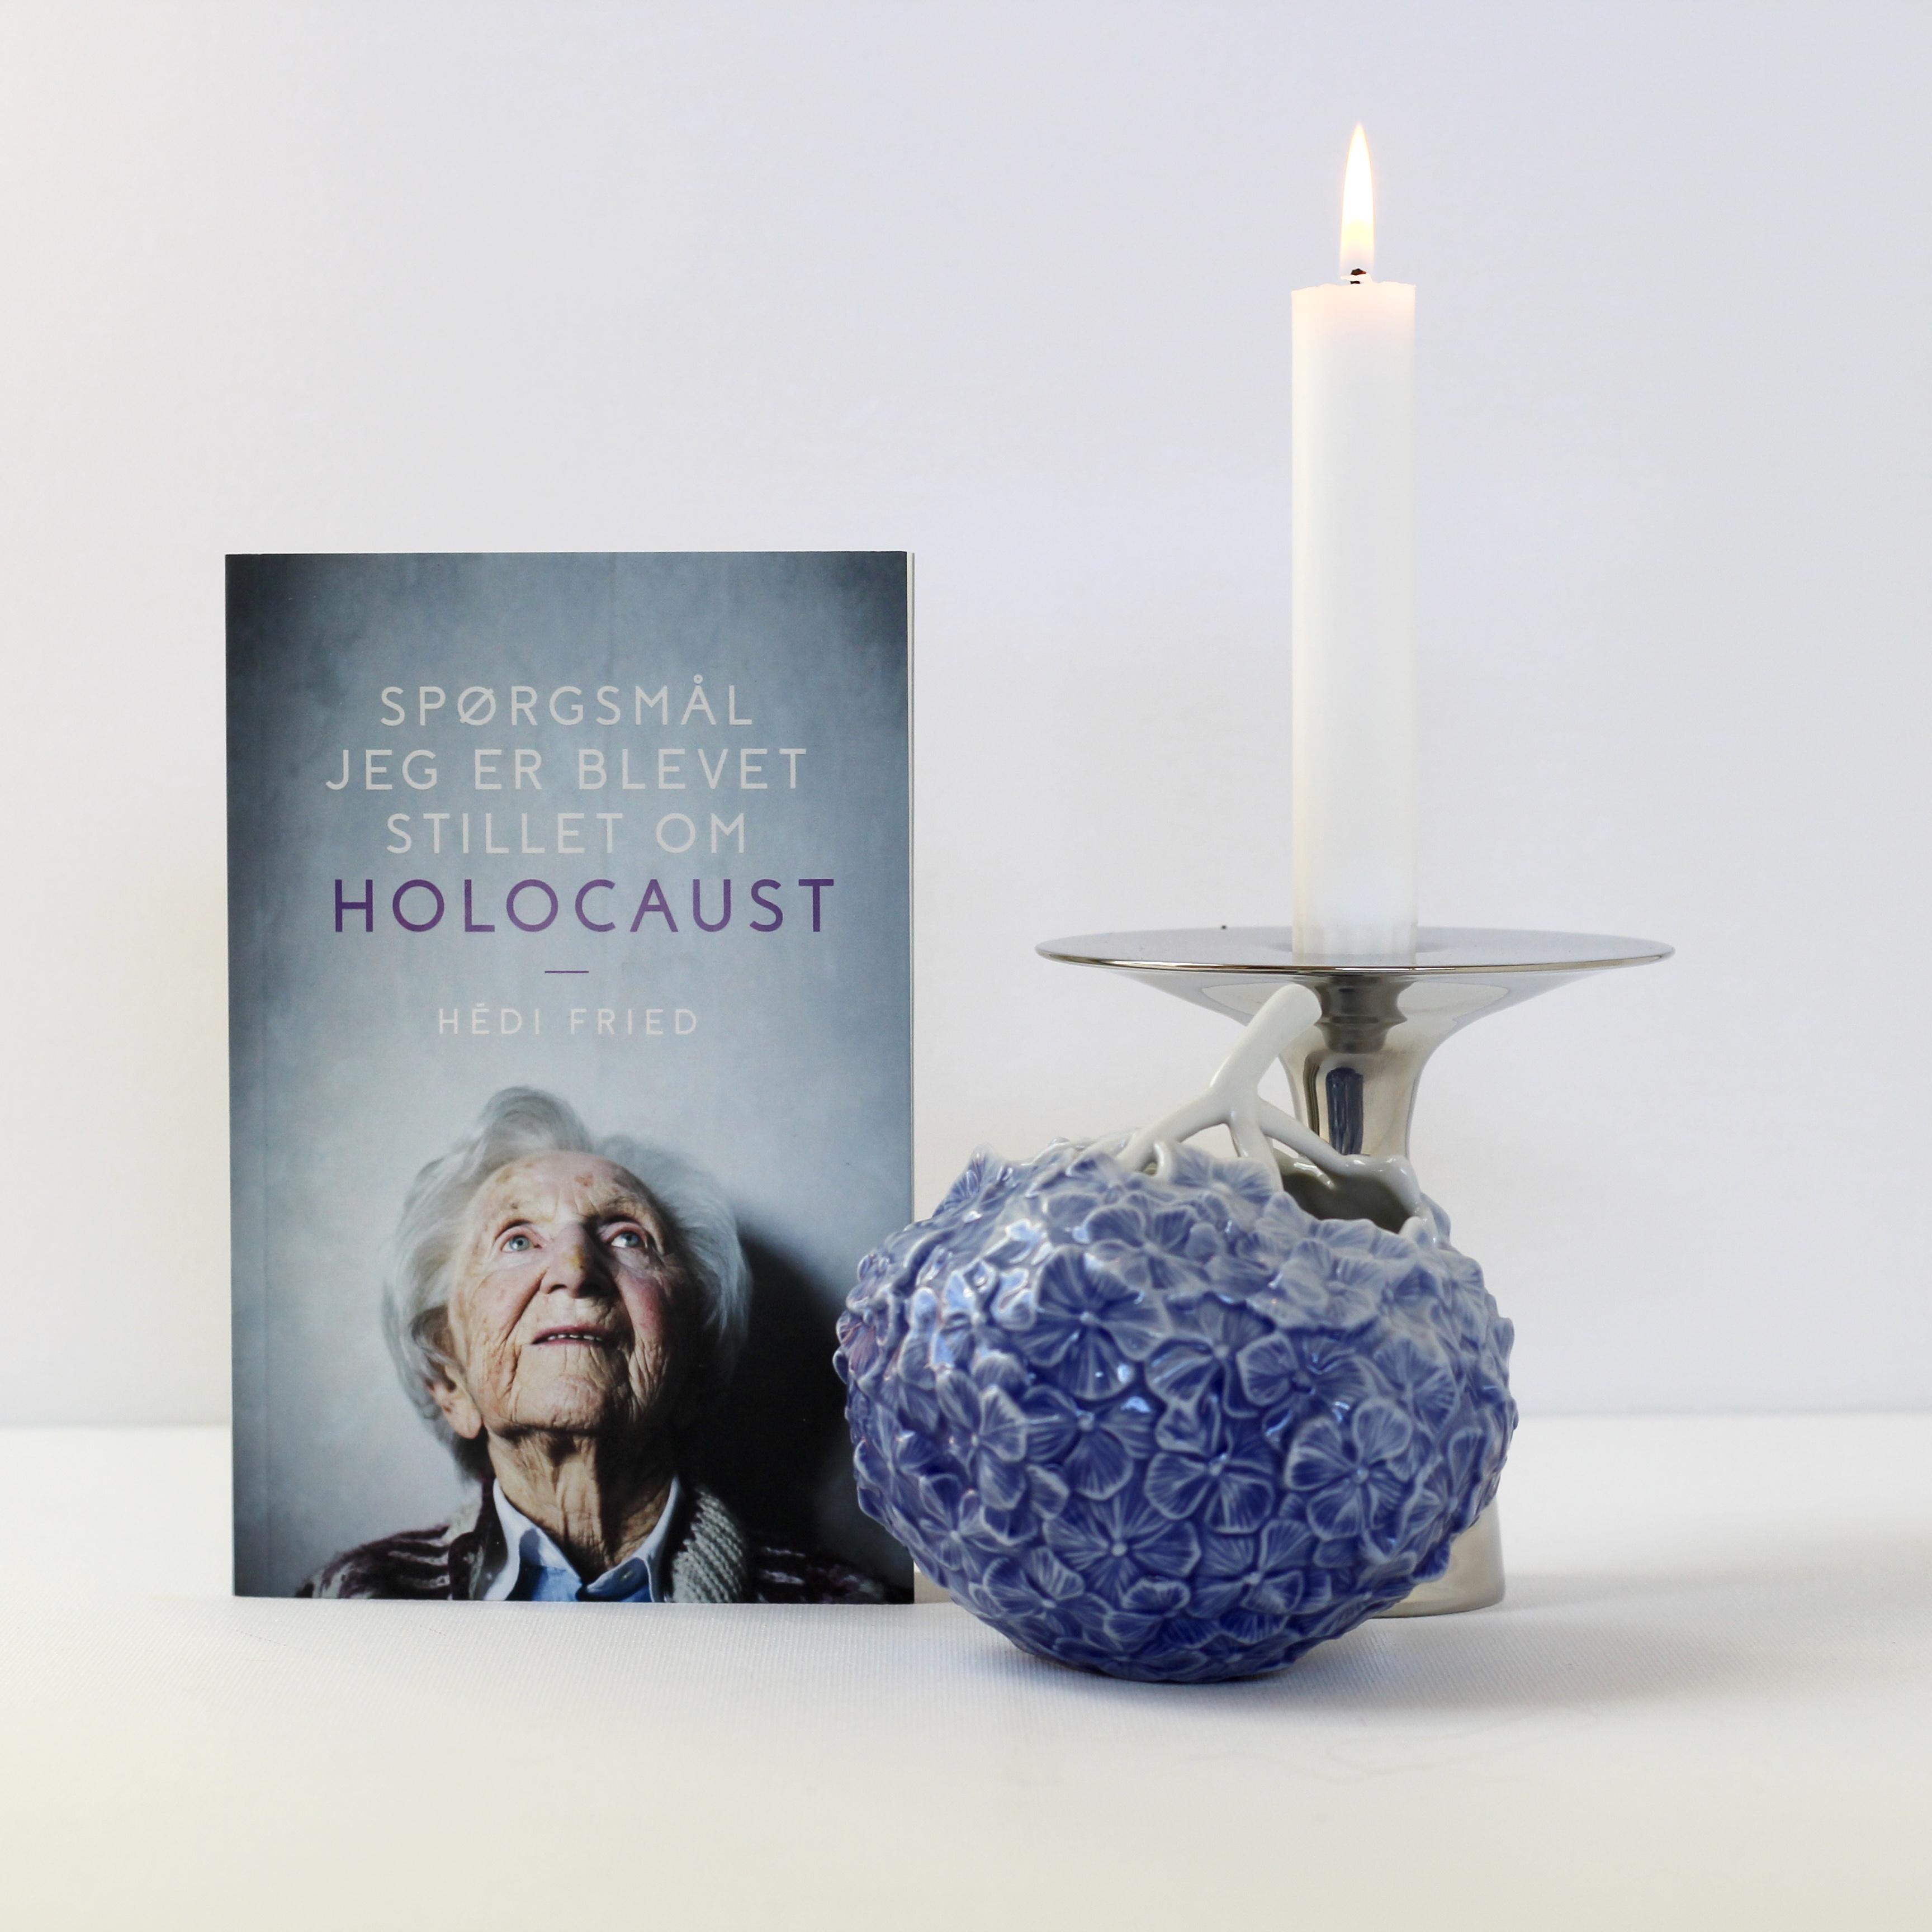 Spørgsmål jeg er blevet stillet om holocaust, Hedi Fried, Bogoplevelsen